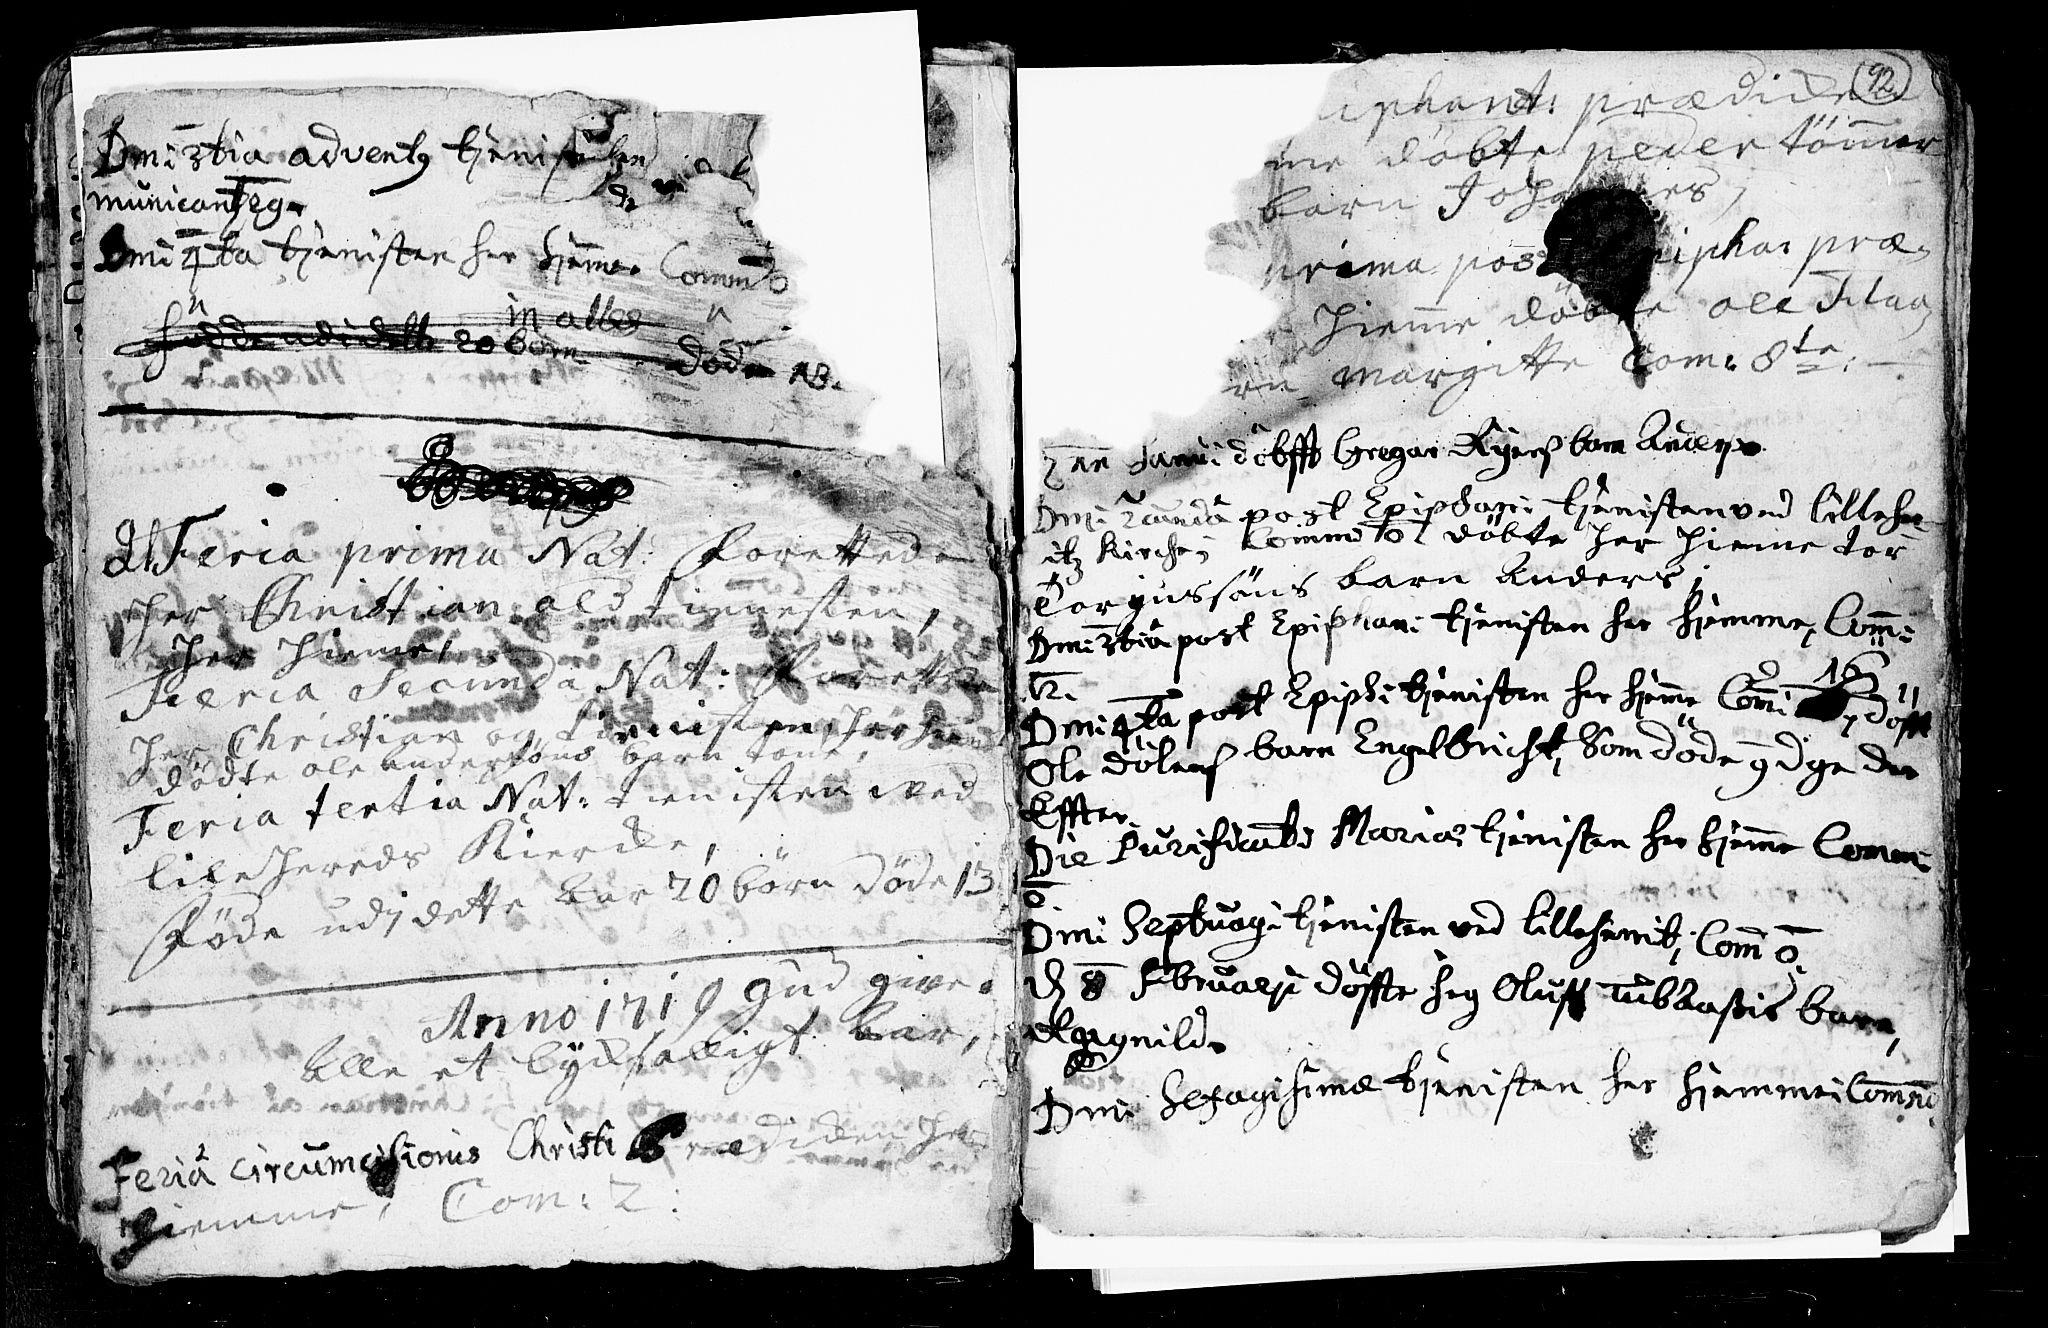 SAKO, Heddal kirkebøker, F/Fa/L0002: Ministerialbok nr. I 2, 1699-1722, s. 92